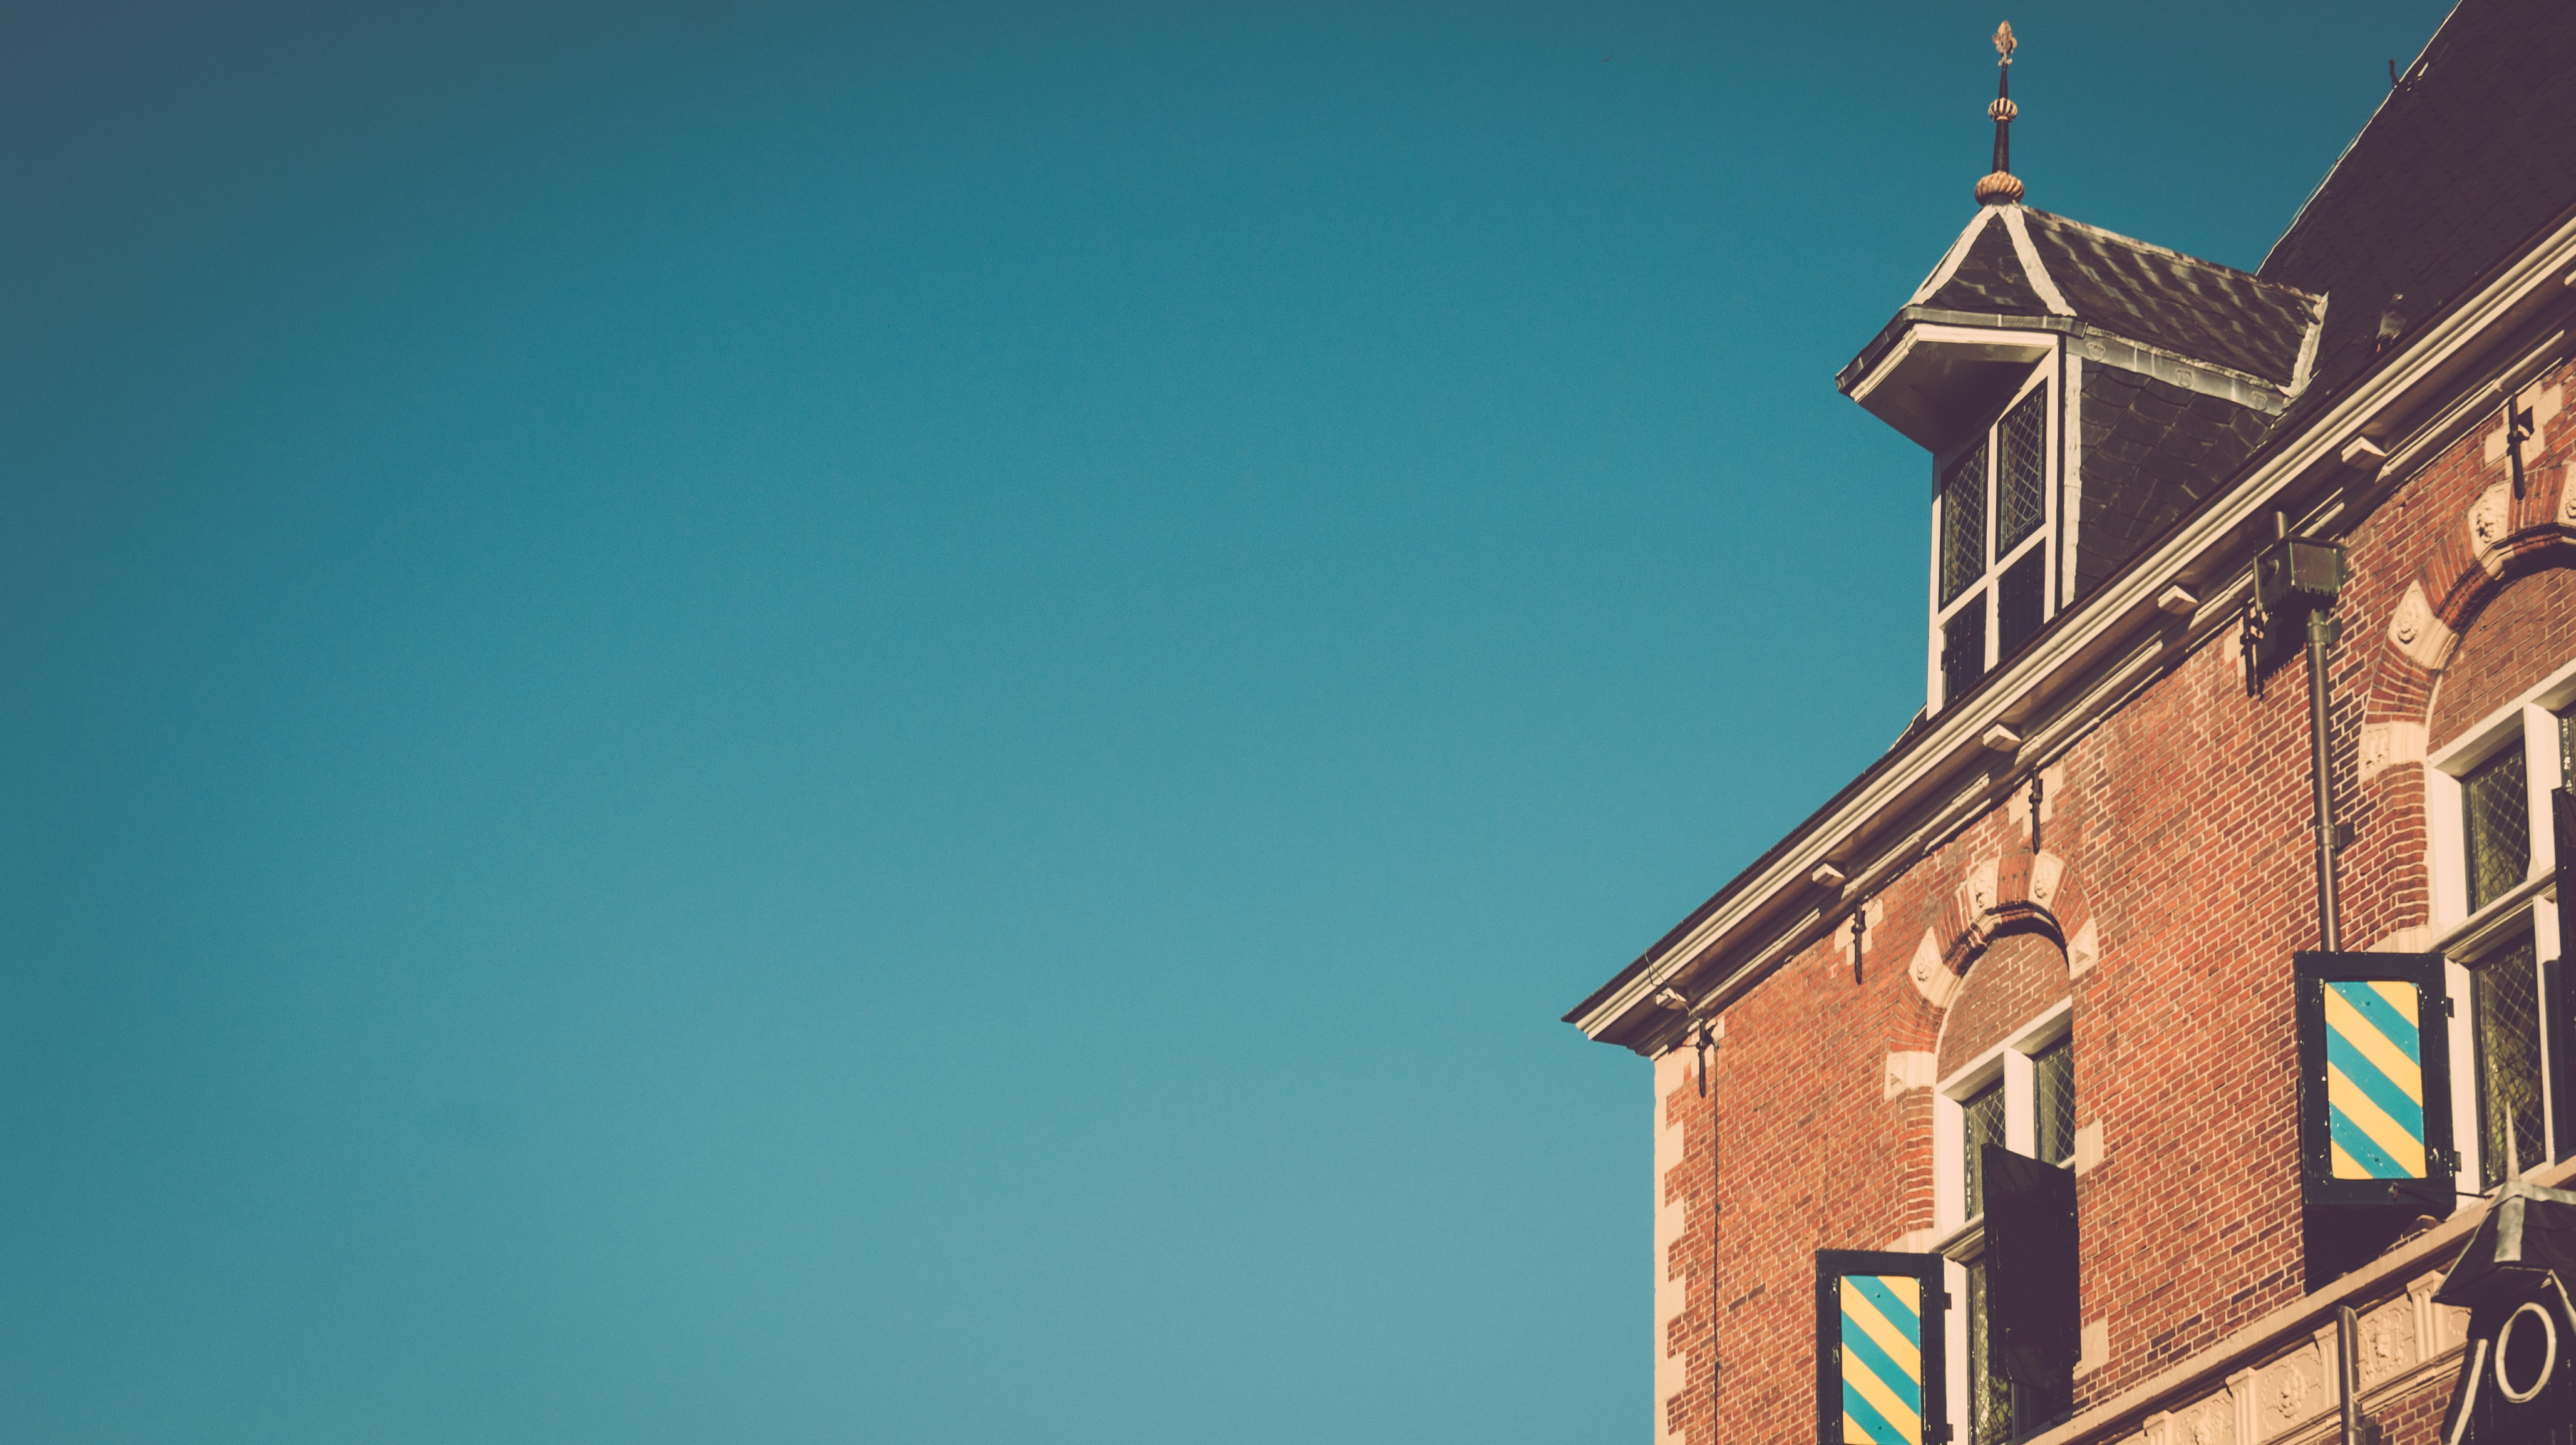 brown brick building under blue skies